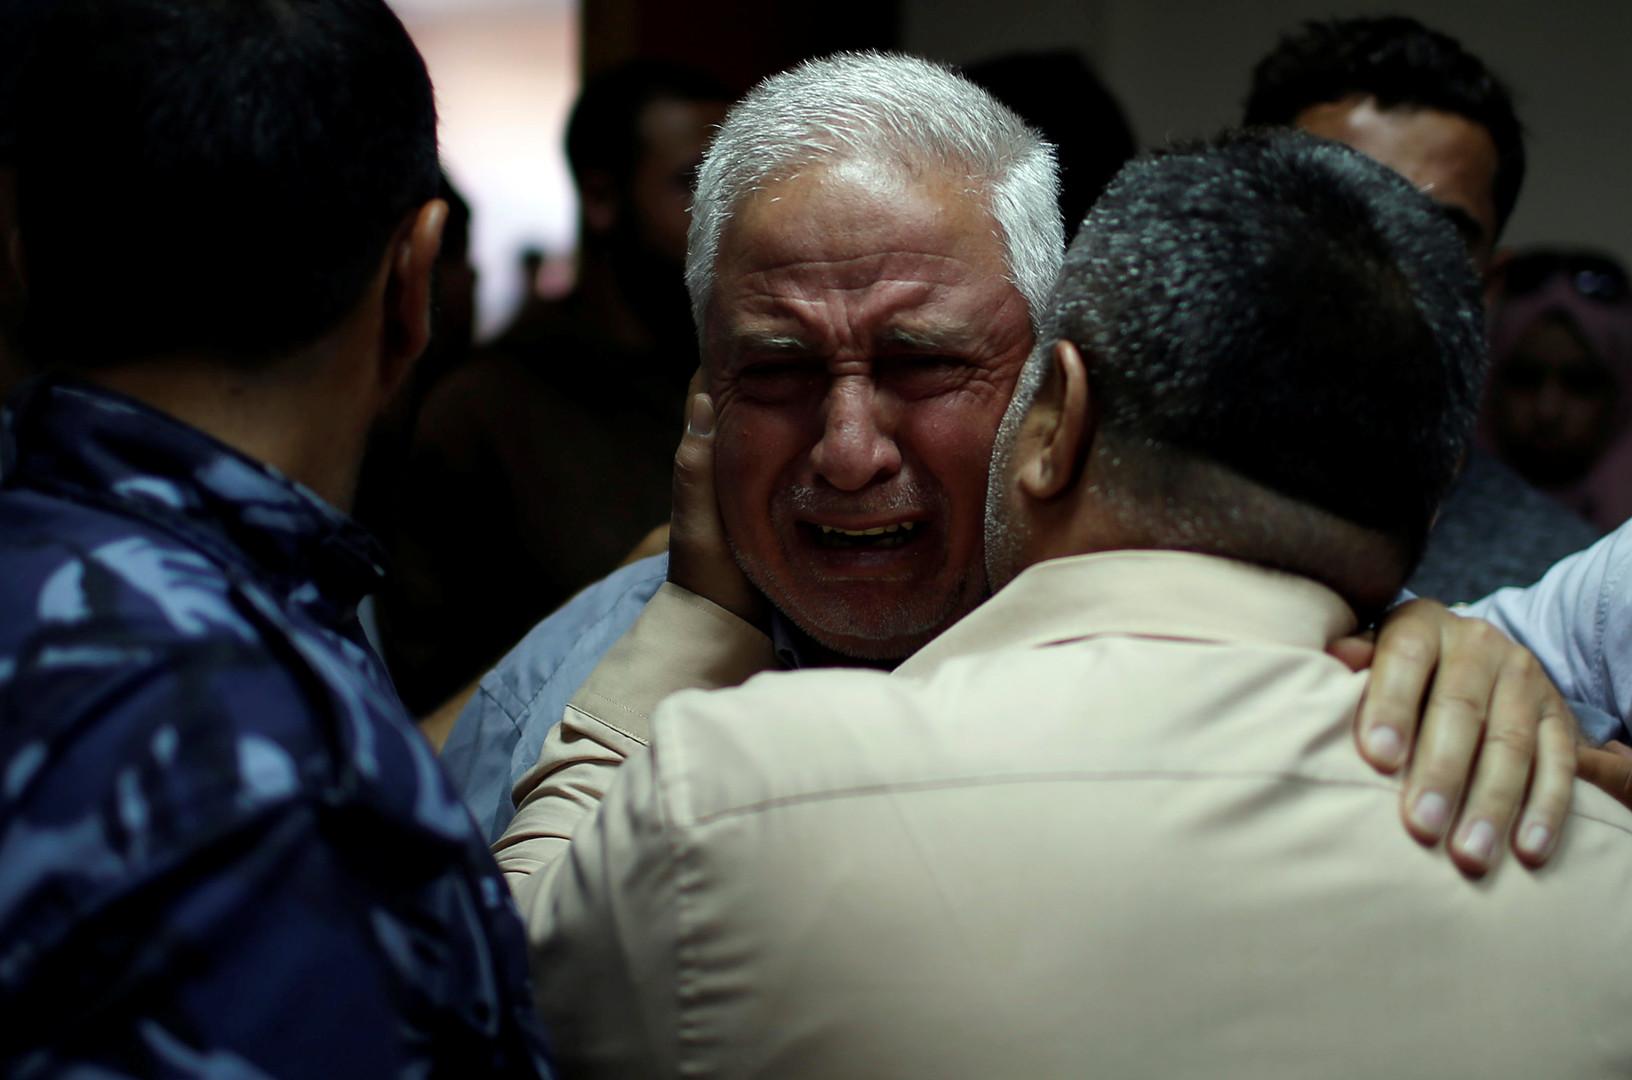 Vereinte Nationen: USA blockieren unabhängige Untersuchung zu über 50 Toten inGaza